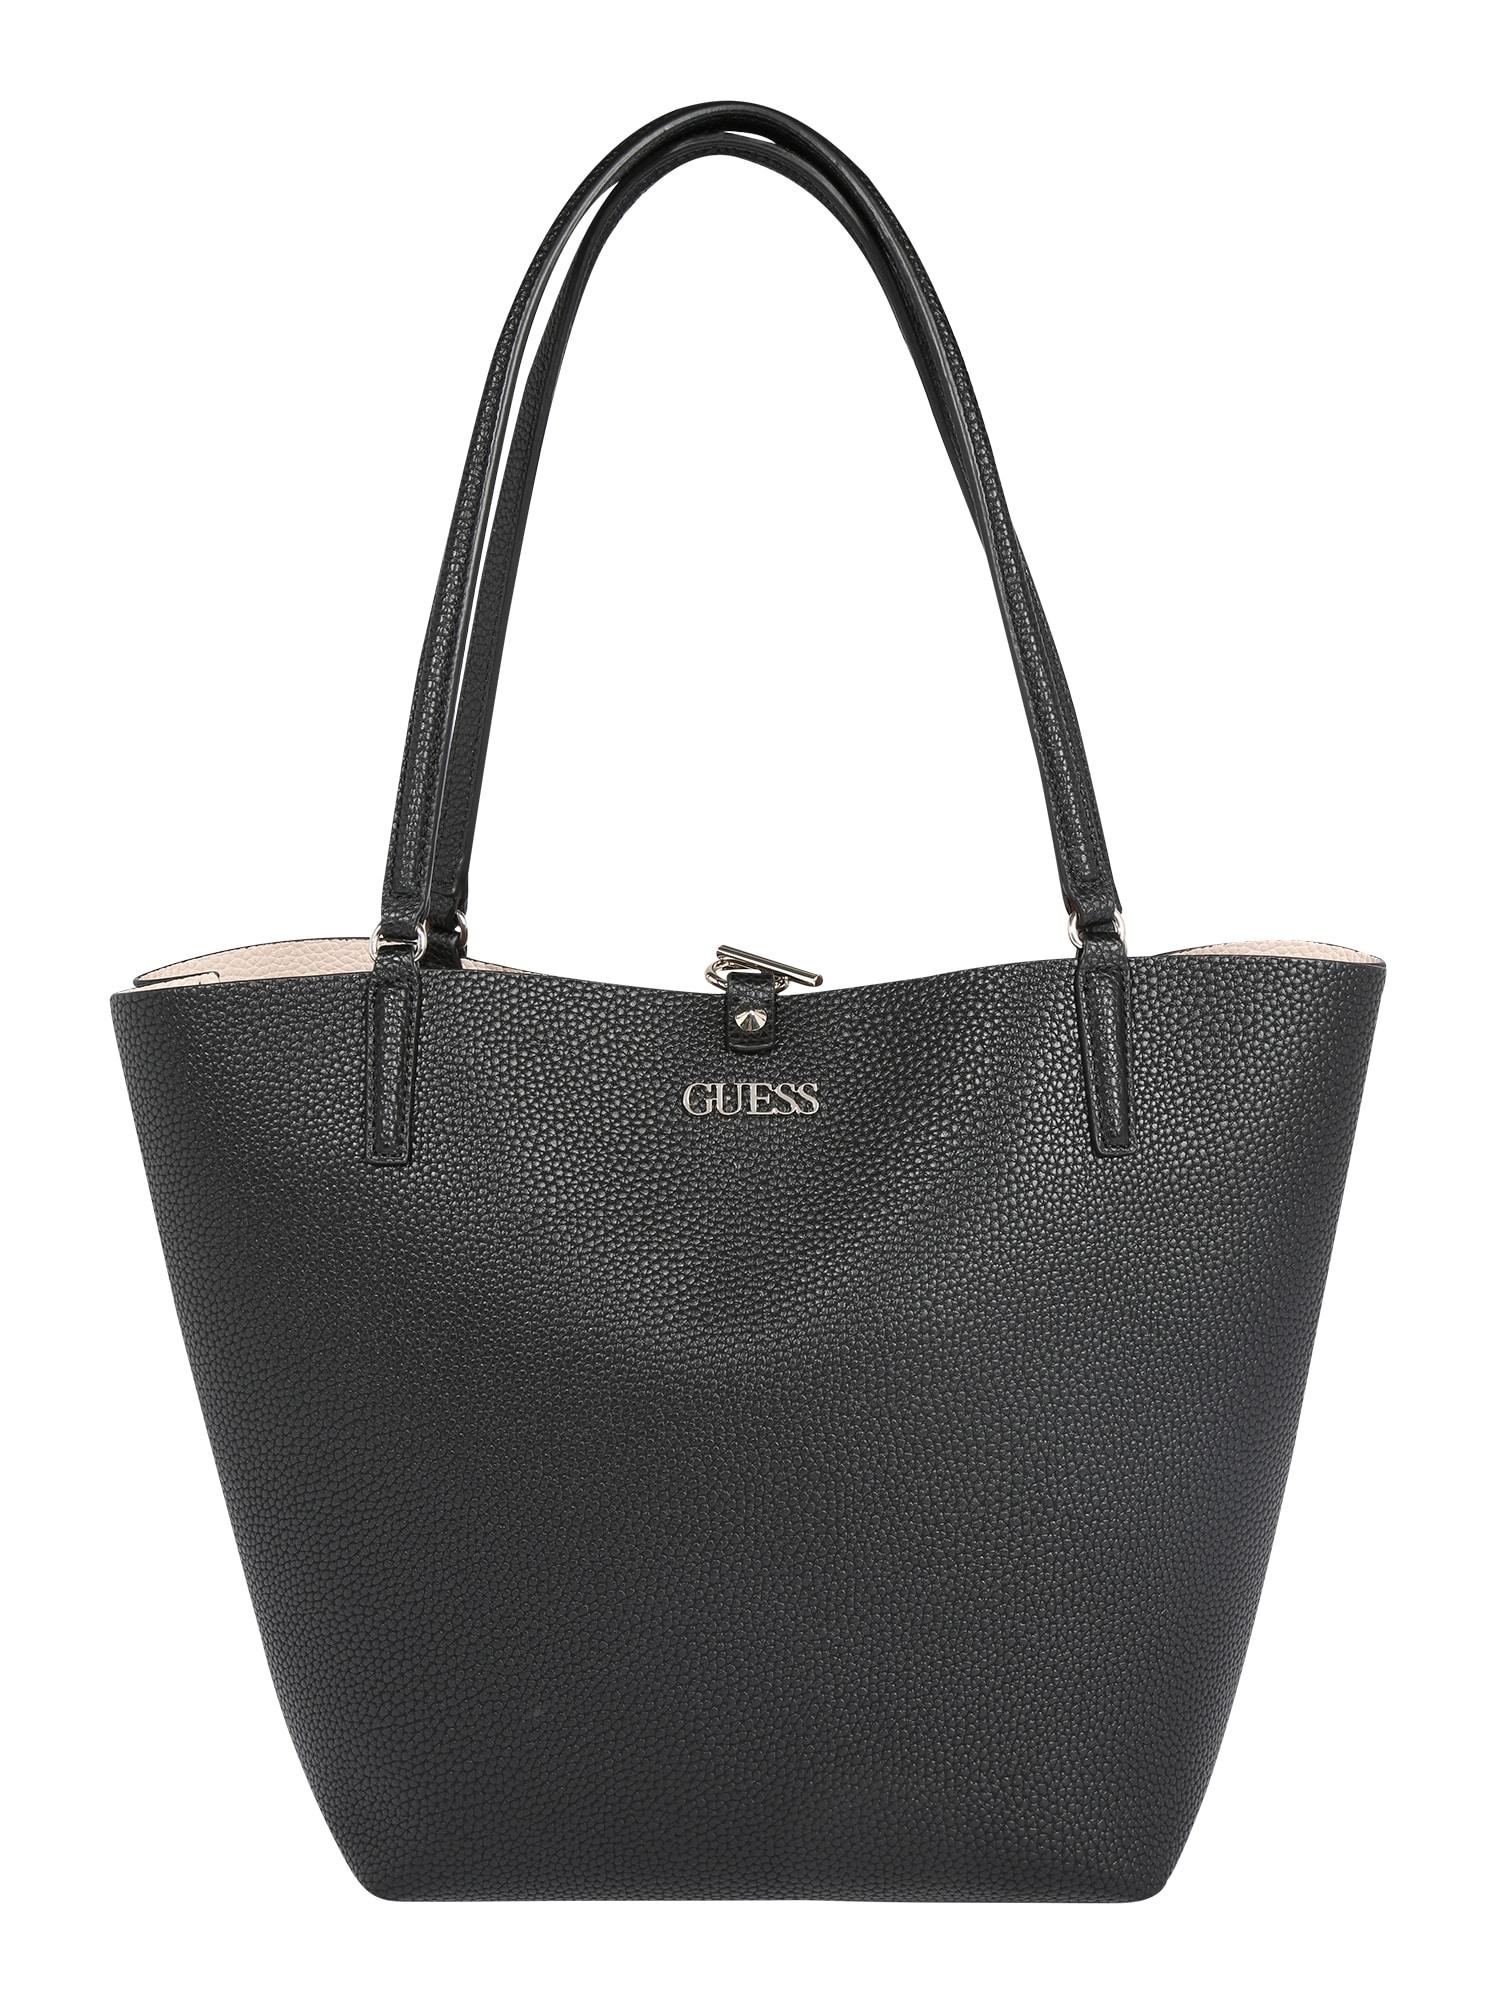 GUESS Pirkinių krepšys juoda / rožių spalva